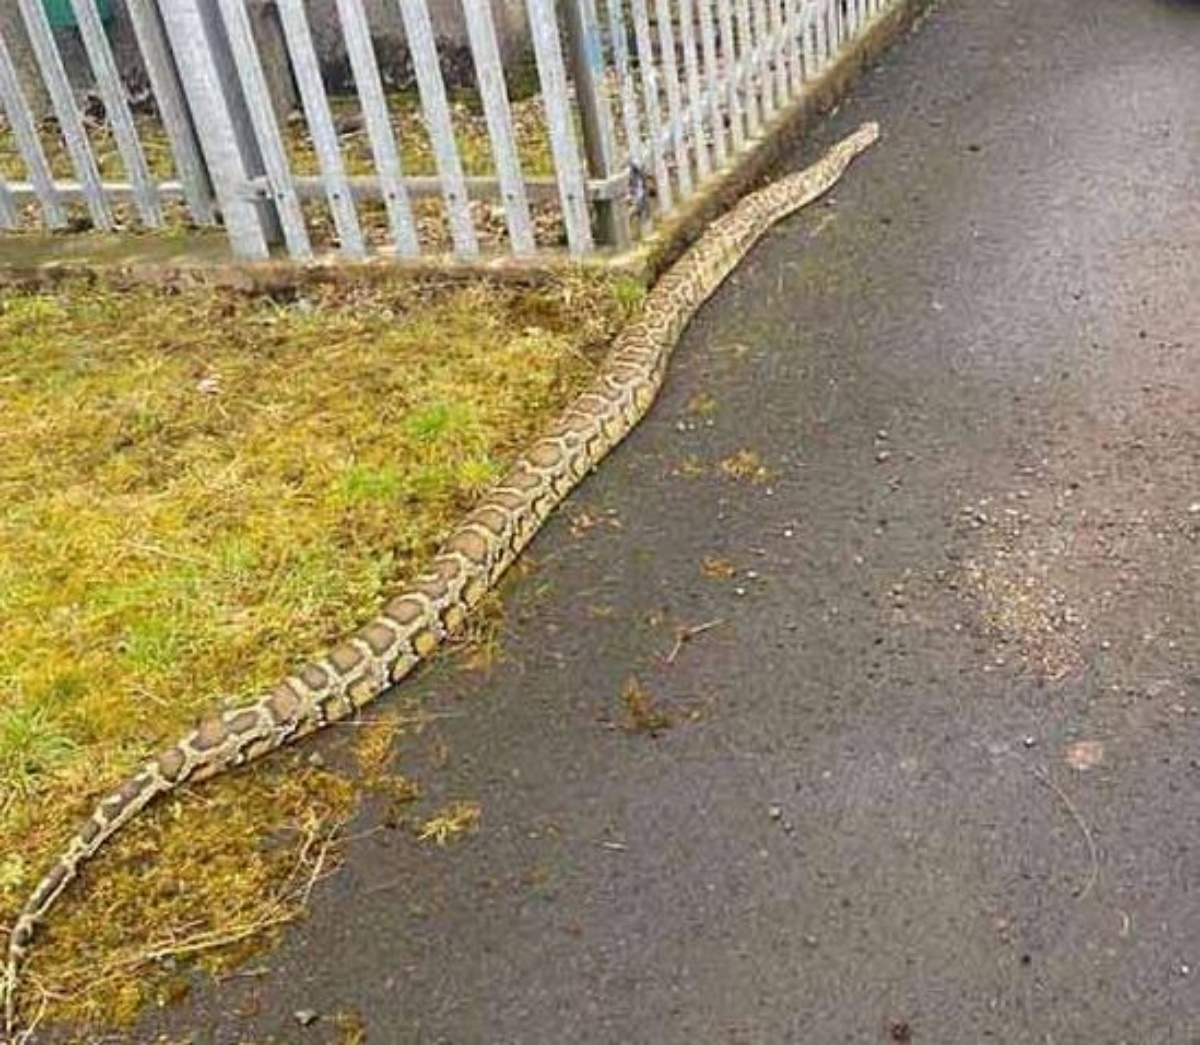 Τρόμος στη Σκωτία: Γιγάντια φίδια κόβουν βόλτες σε πολυσύχναστους δρόμους (pics, vid)